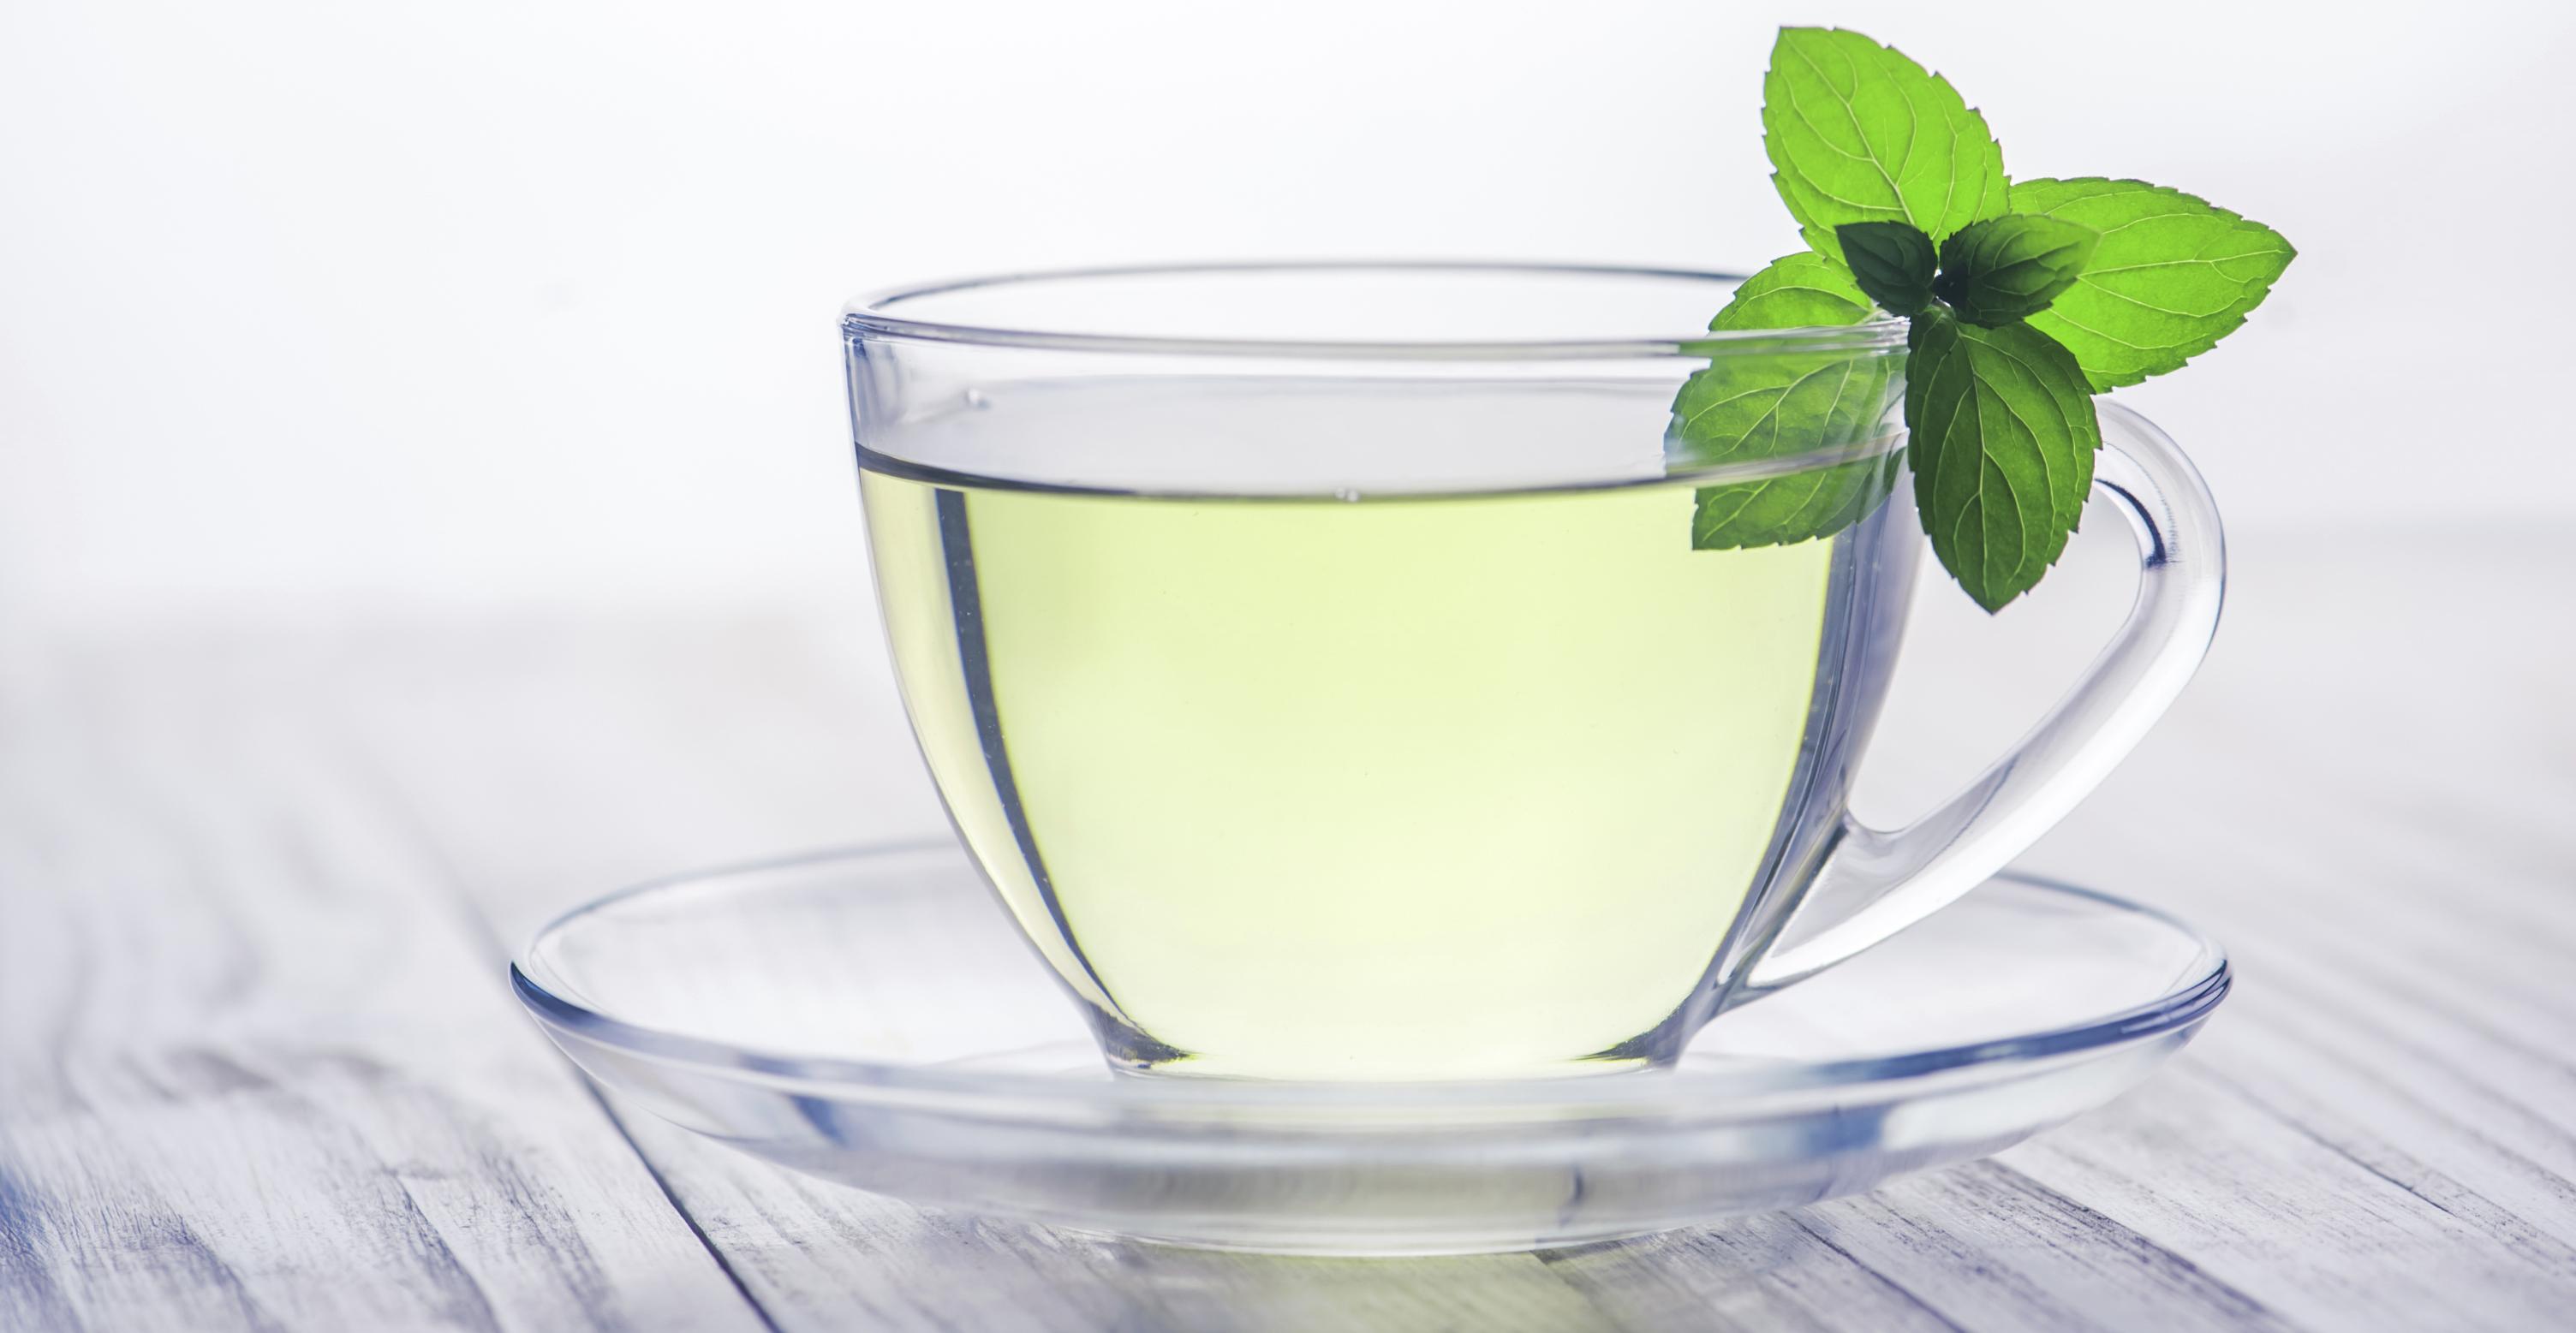 مصرف چای سبز چه فوایدی دارد؟